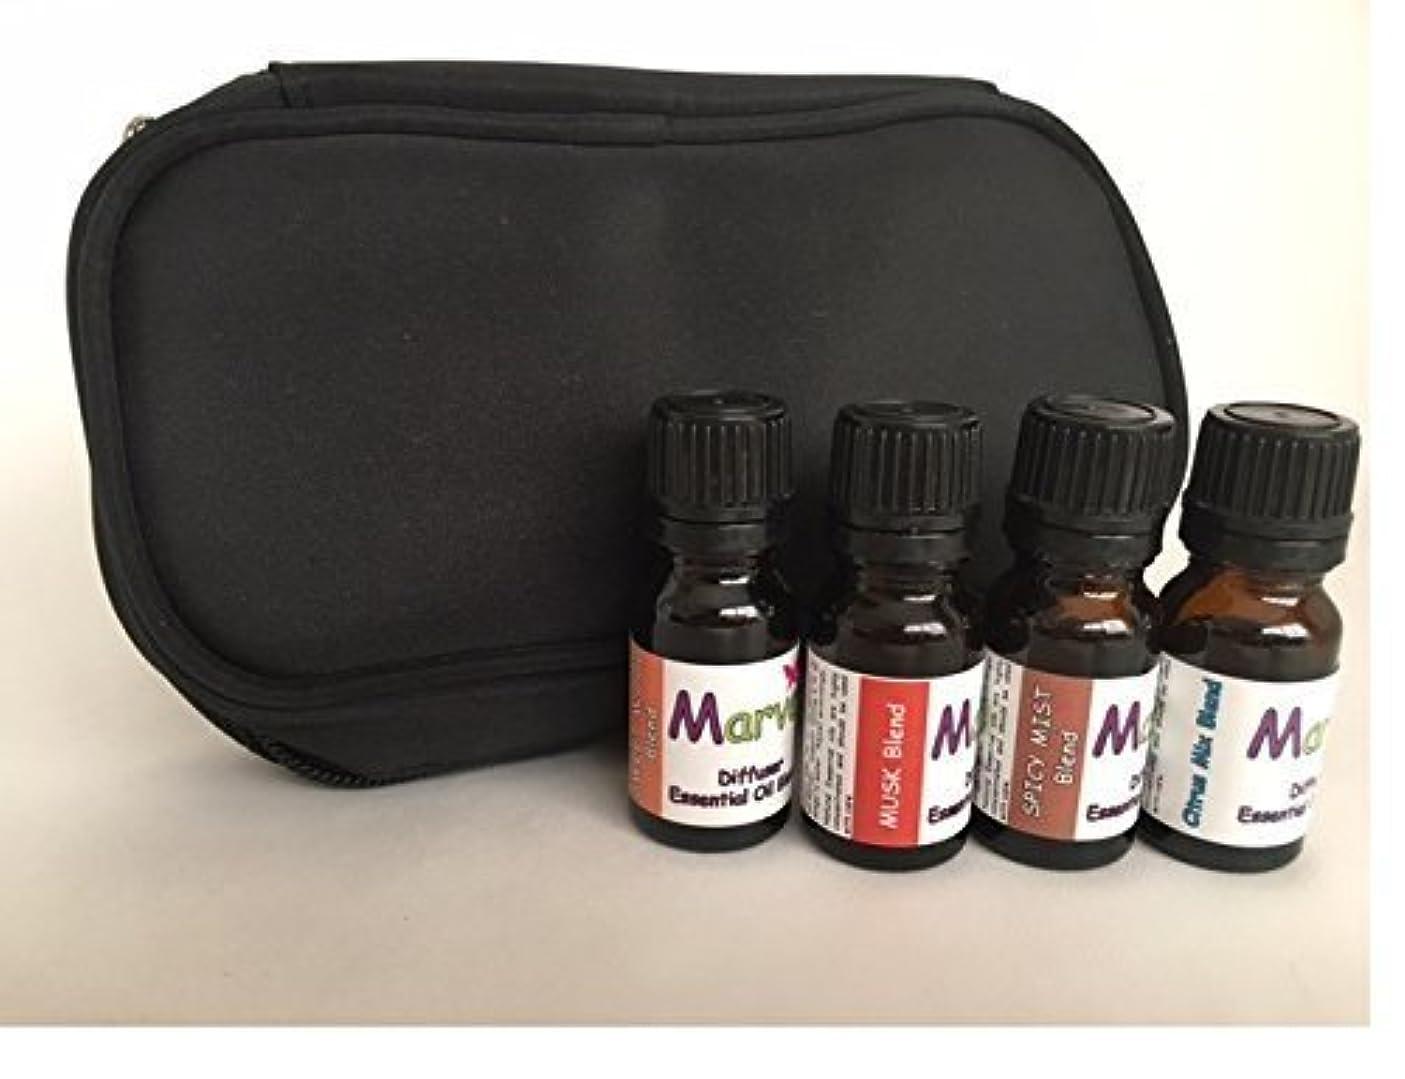 コミュニケーション勇気破壊的Aroma Diffuser essential oil blends- CASE with SCENTS FOR HIM kit- 100% pure oil [並行輸入品]